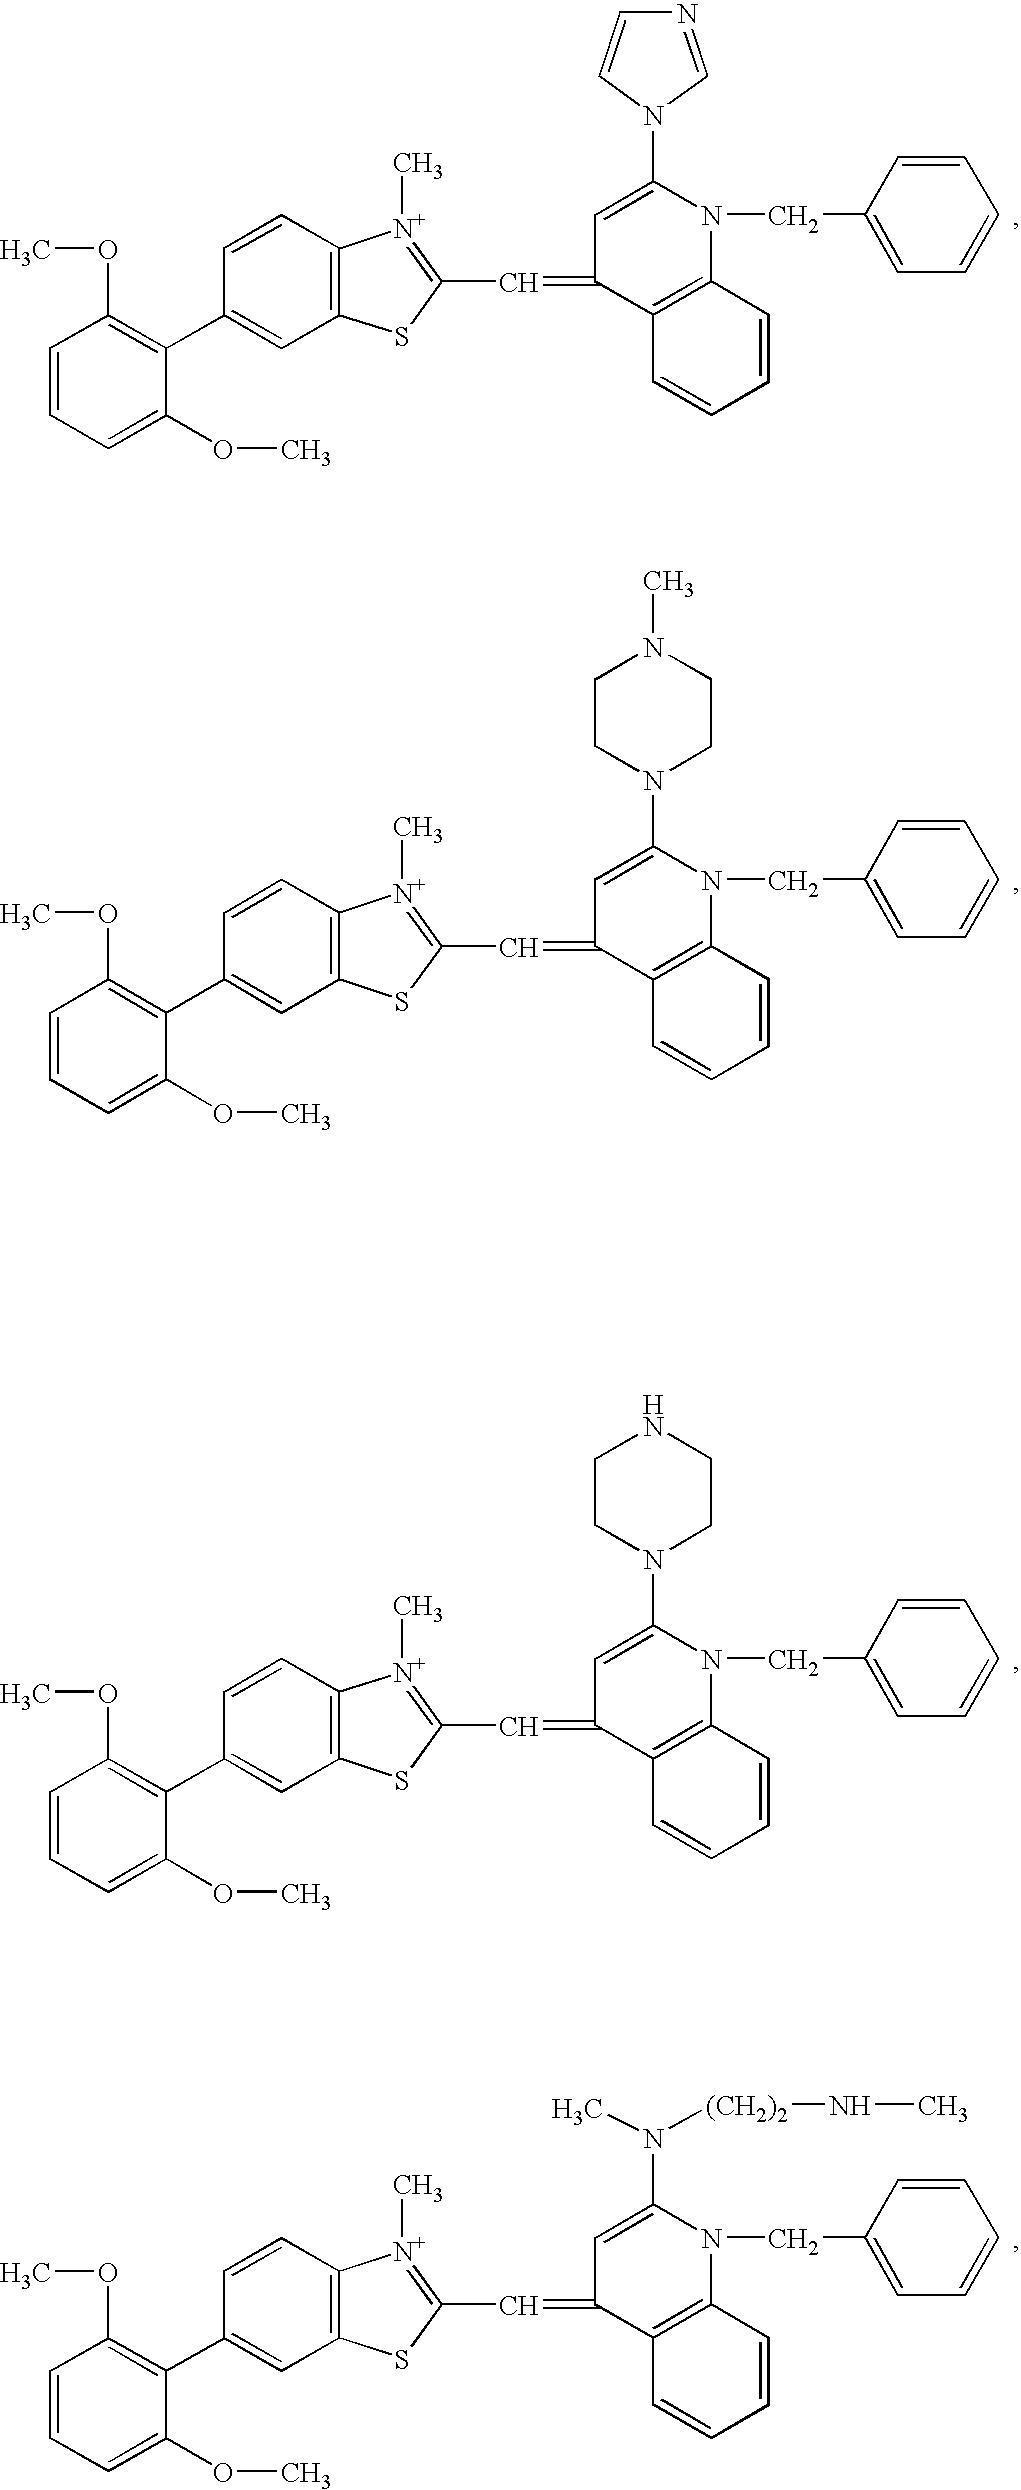 Figure US07598390-20091006-C00119